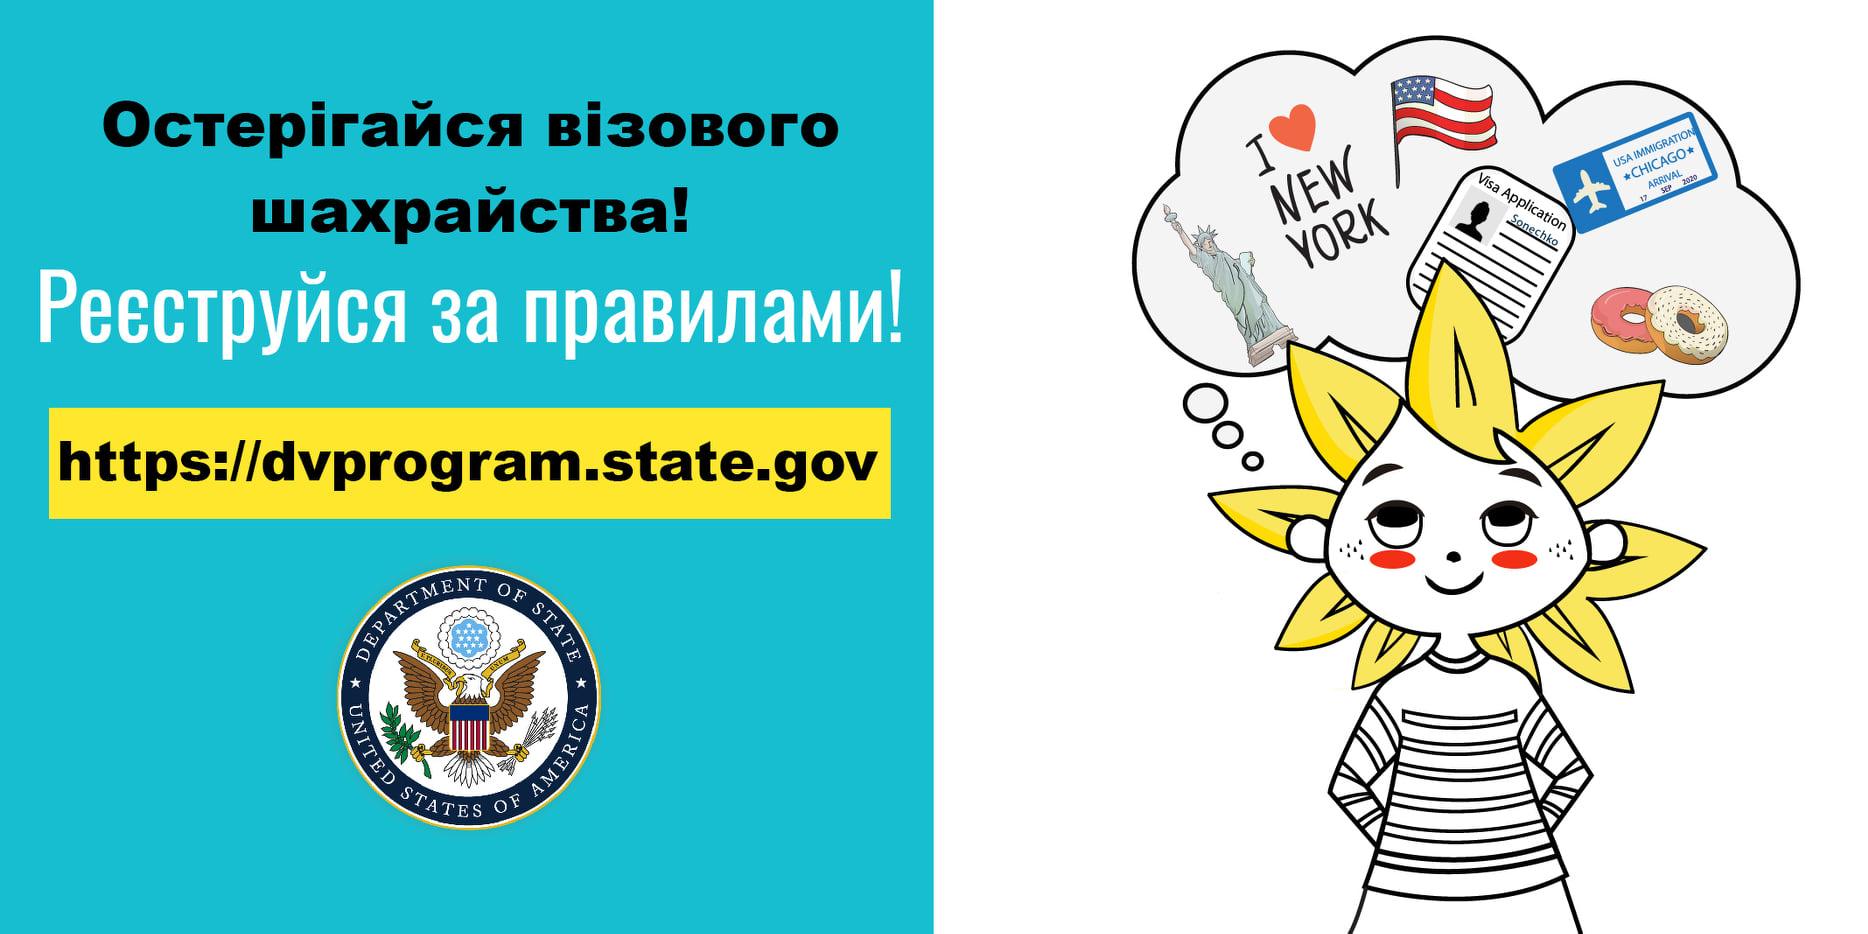 СЩА возобновили лотереи иммиграционных виз грин-карт